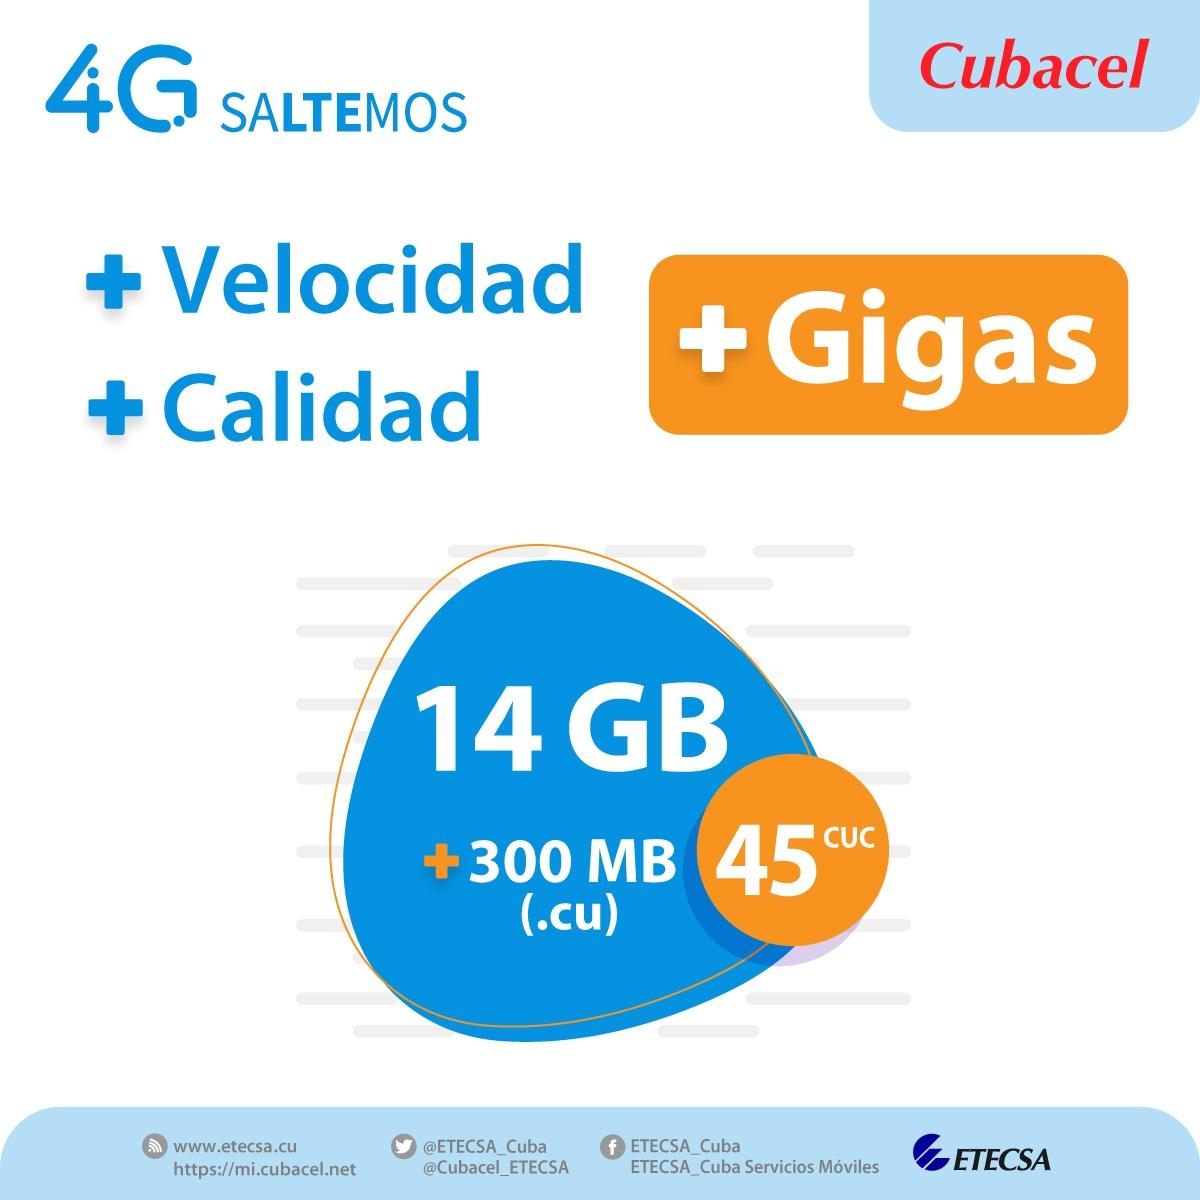 En Cuba: más megas por el mismo precio